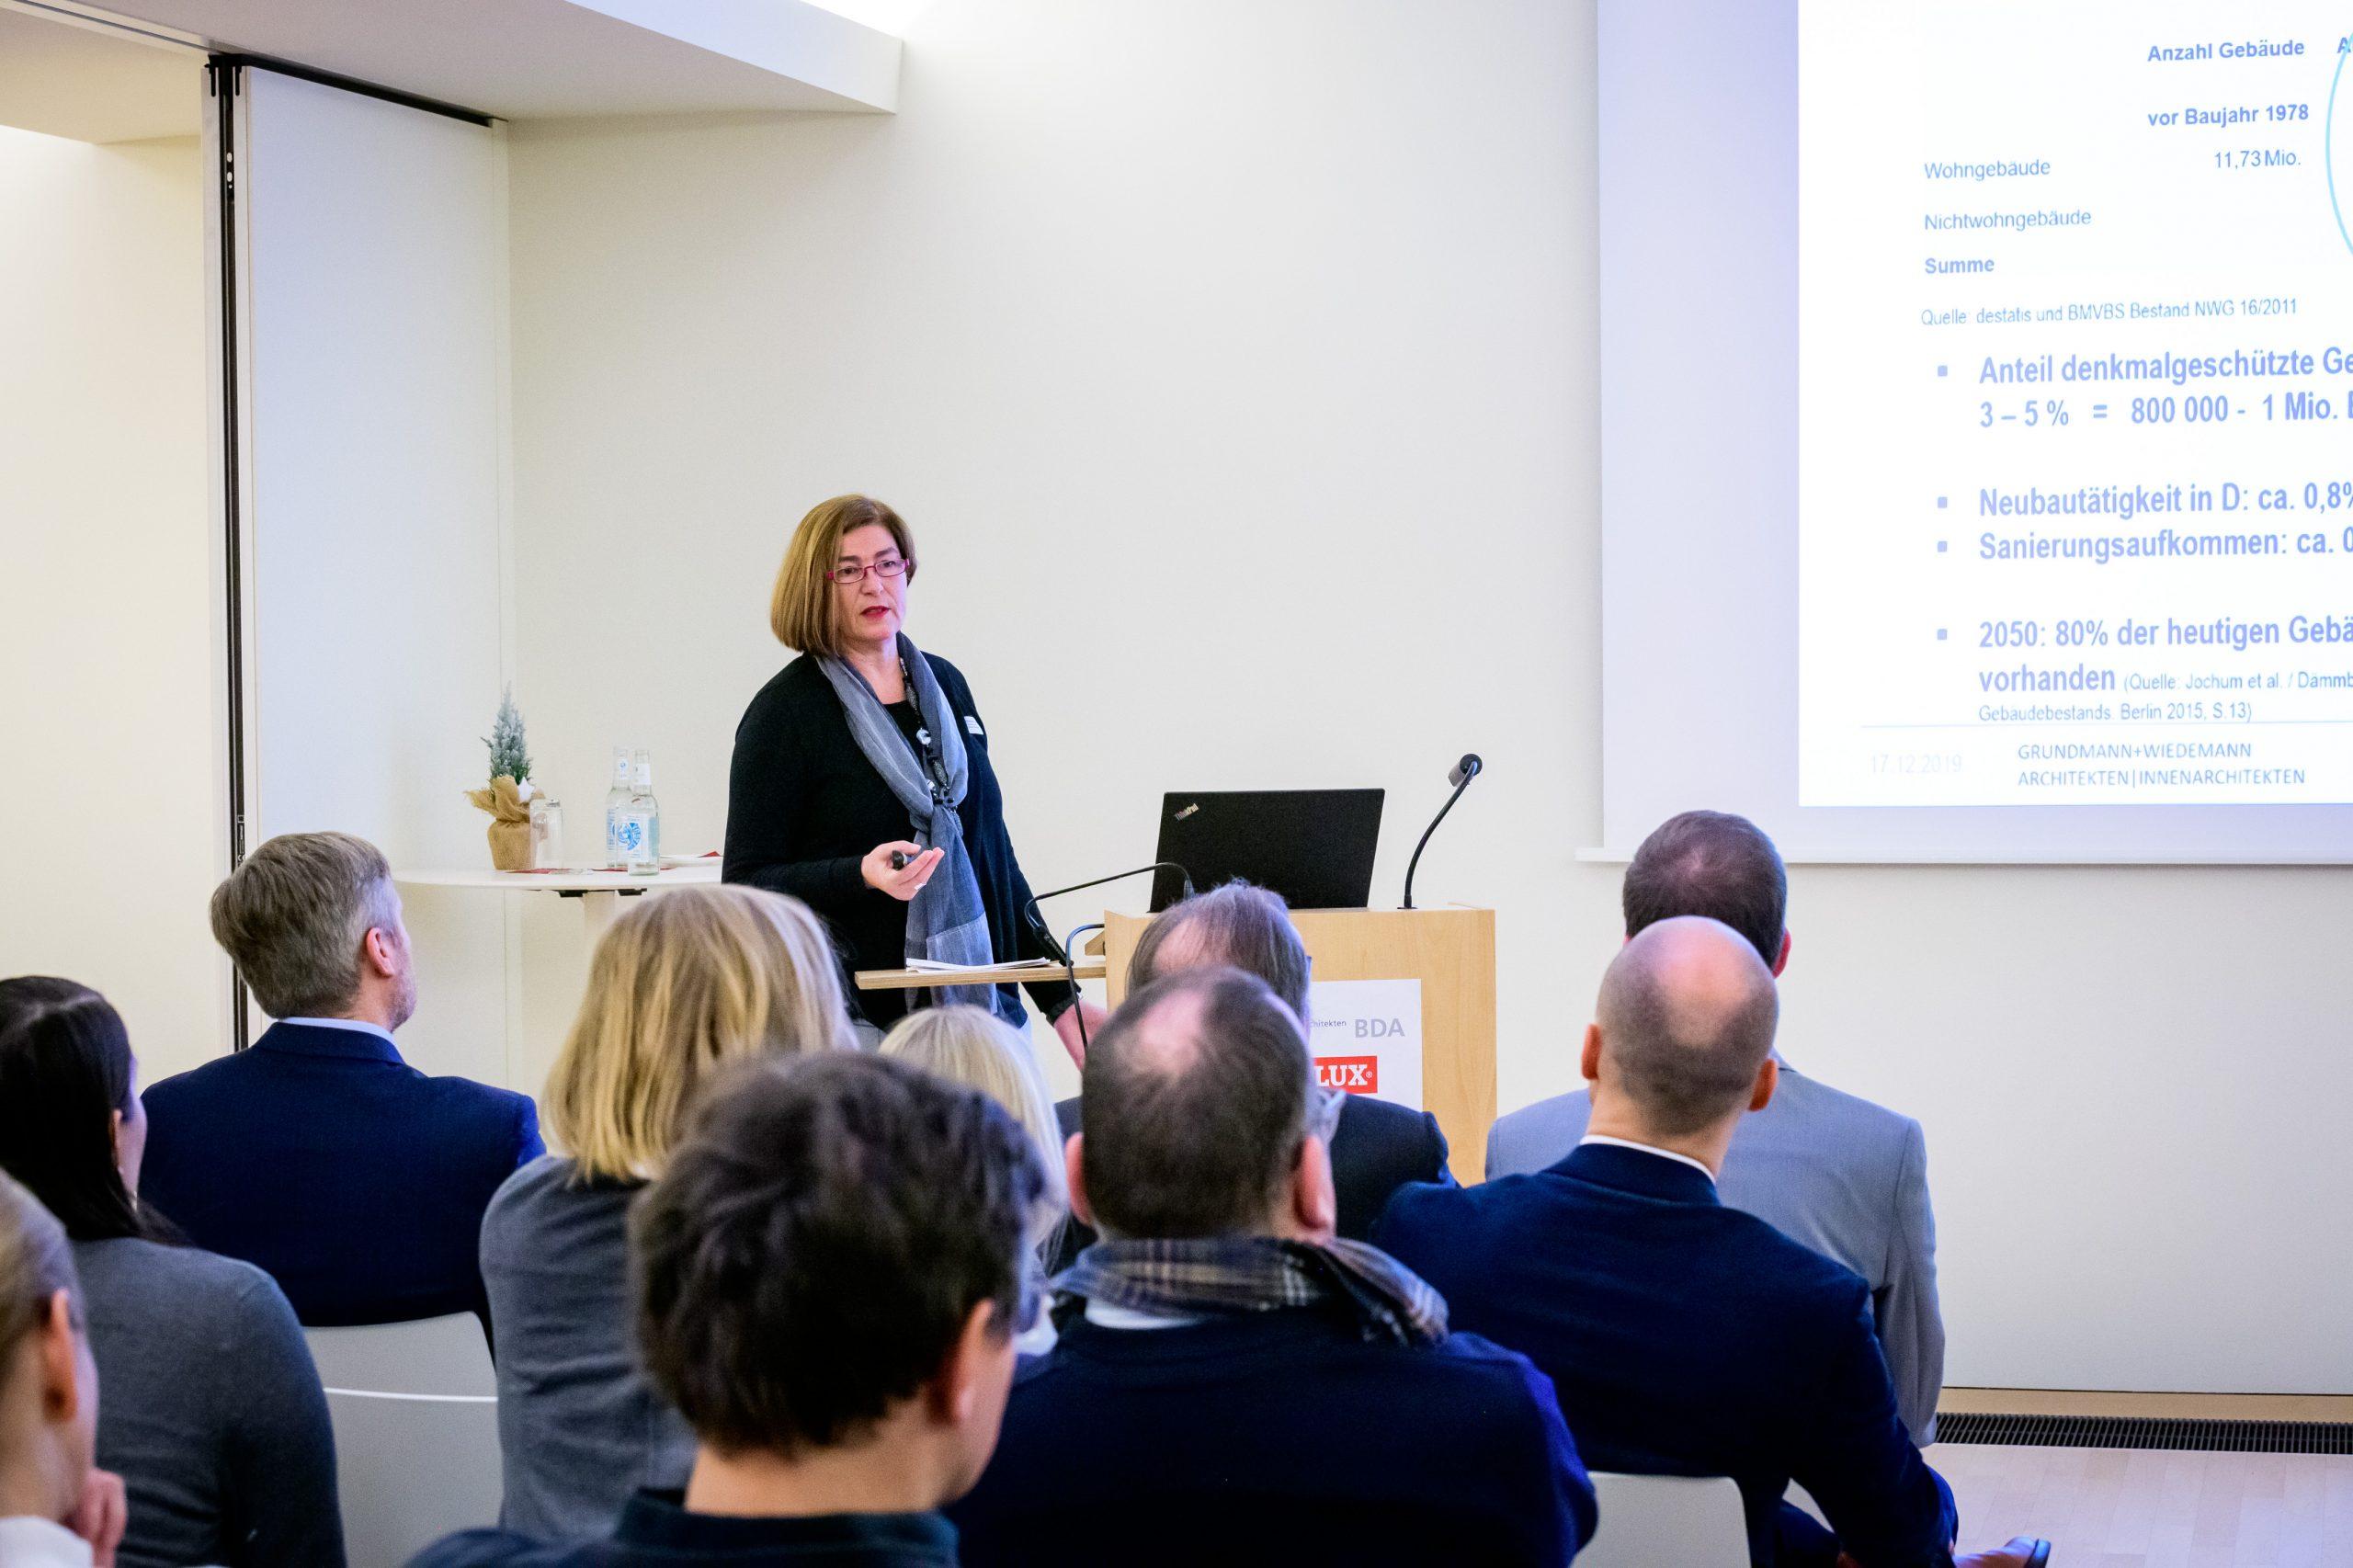 Frau Dr. Wiedemann bei einem Vortrag vor Publikum.